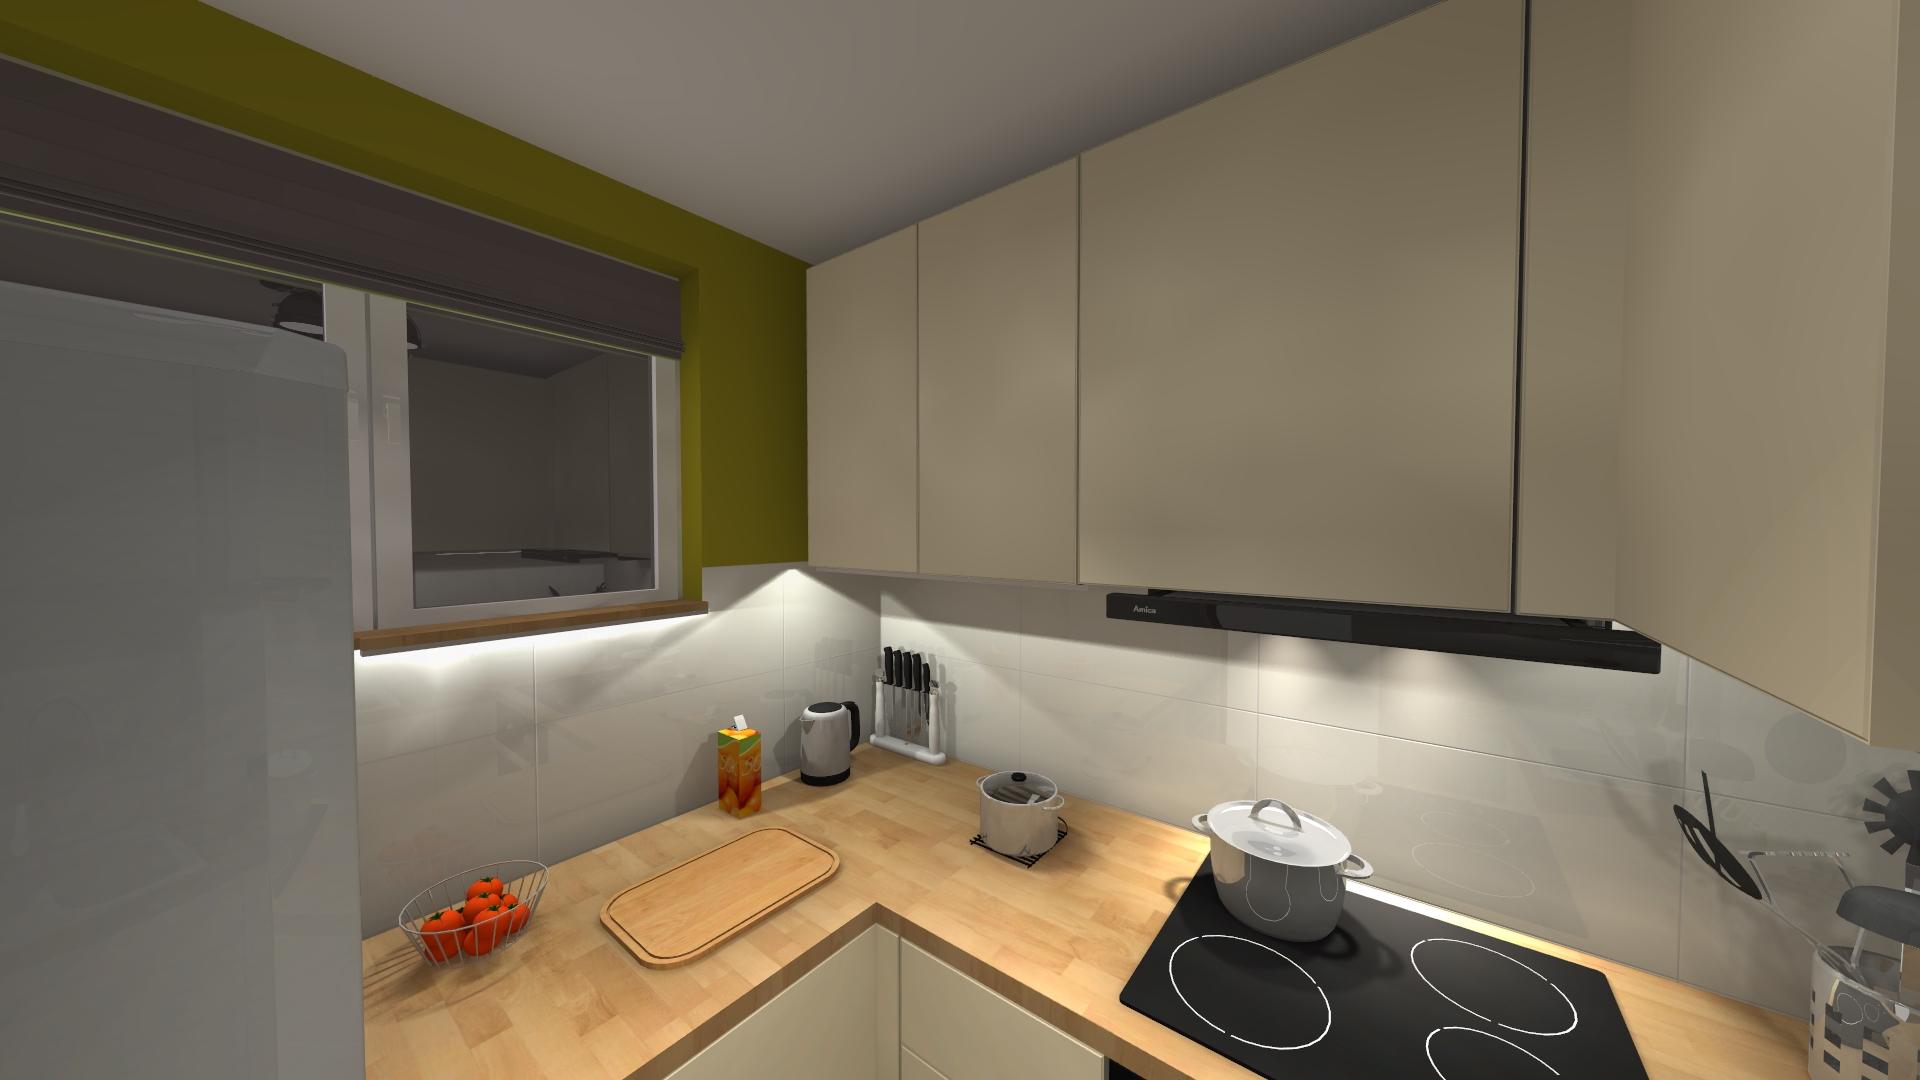 Mała Kuchnia (4)